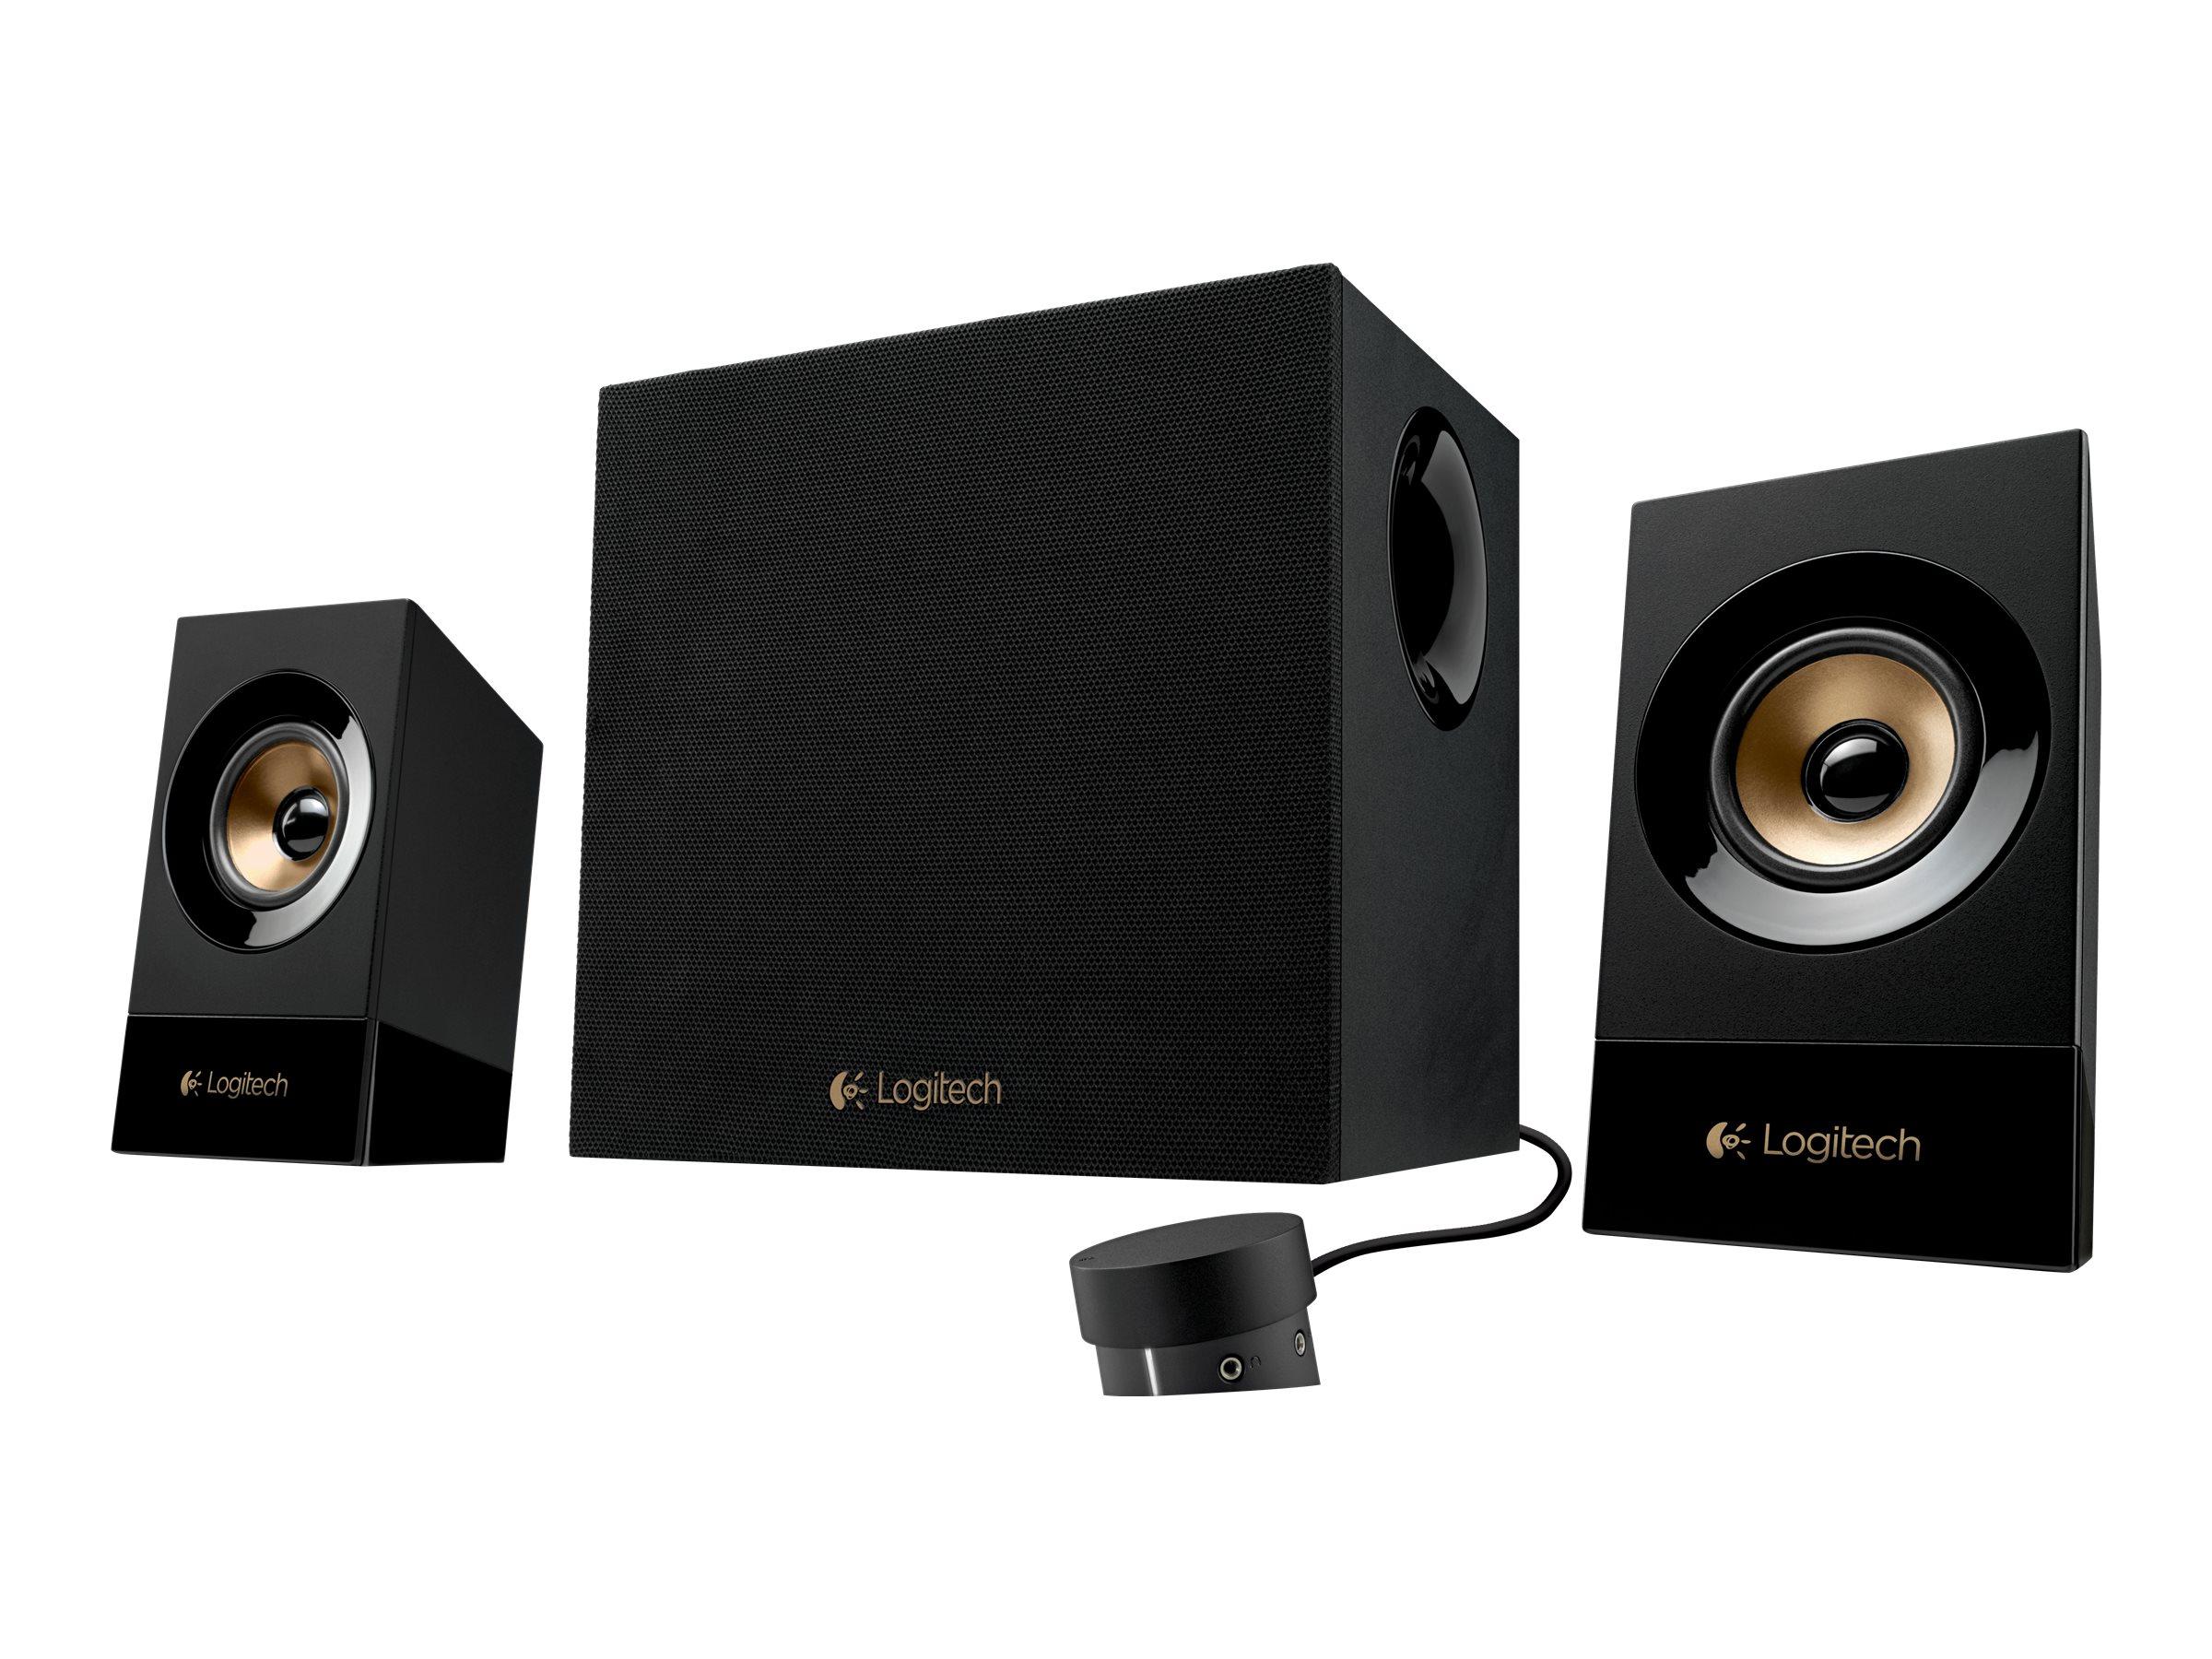 Logitech z533 2.1 Speakers for $49.99 at Best Buy